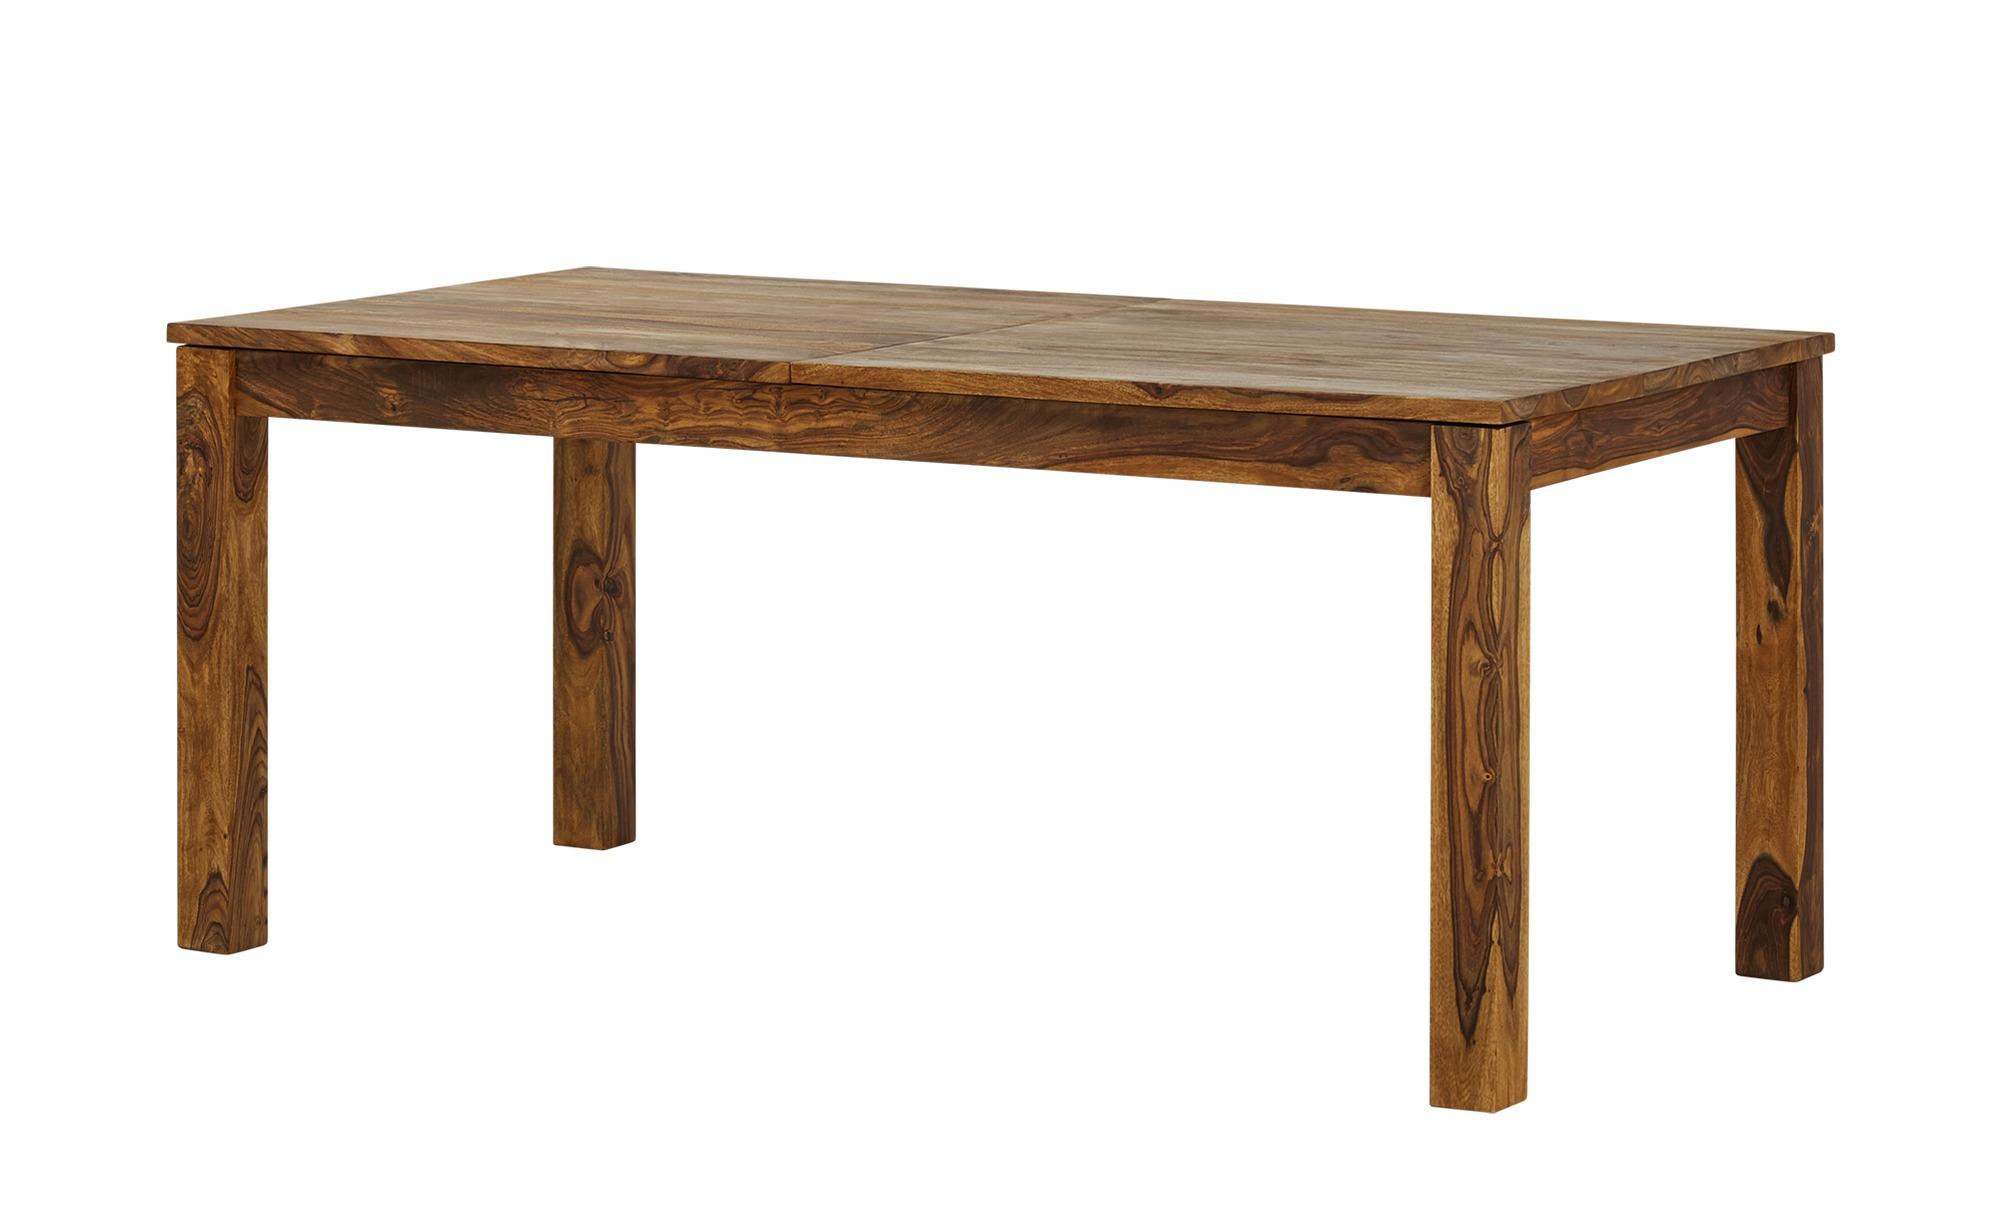 Esstisch ausziehbar  Amarillo ¦ holzfarben ¦ Maße (cm): B: 90 H: 76 Tische > Esstische > Esstische ausziehbar - Höffner